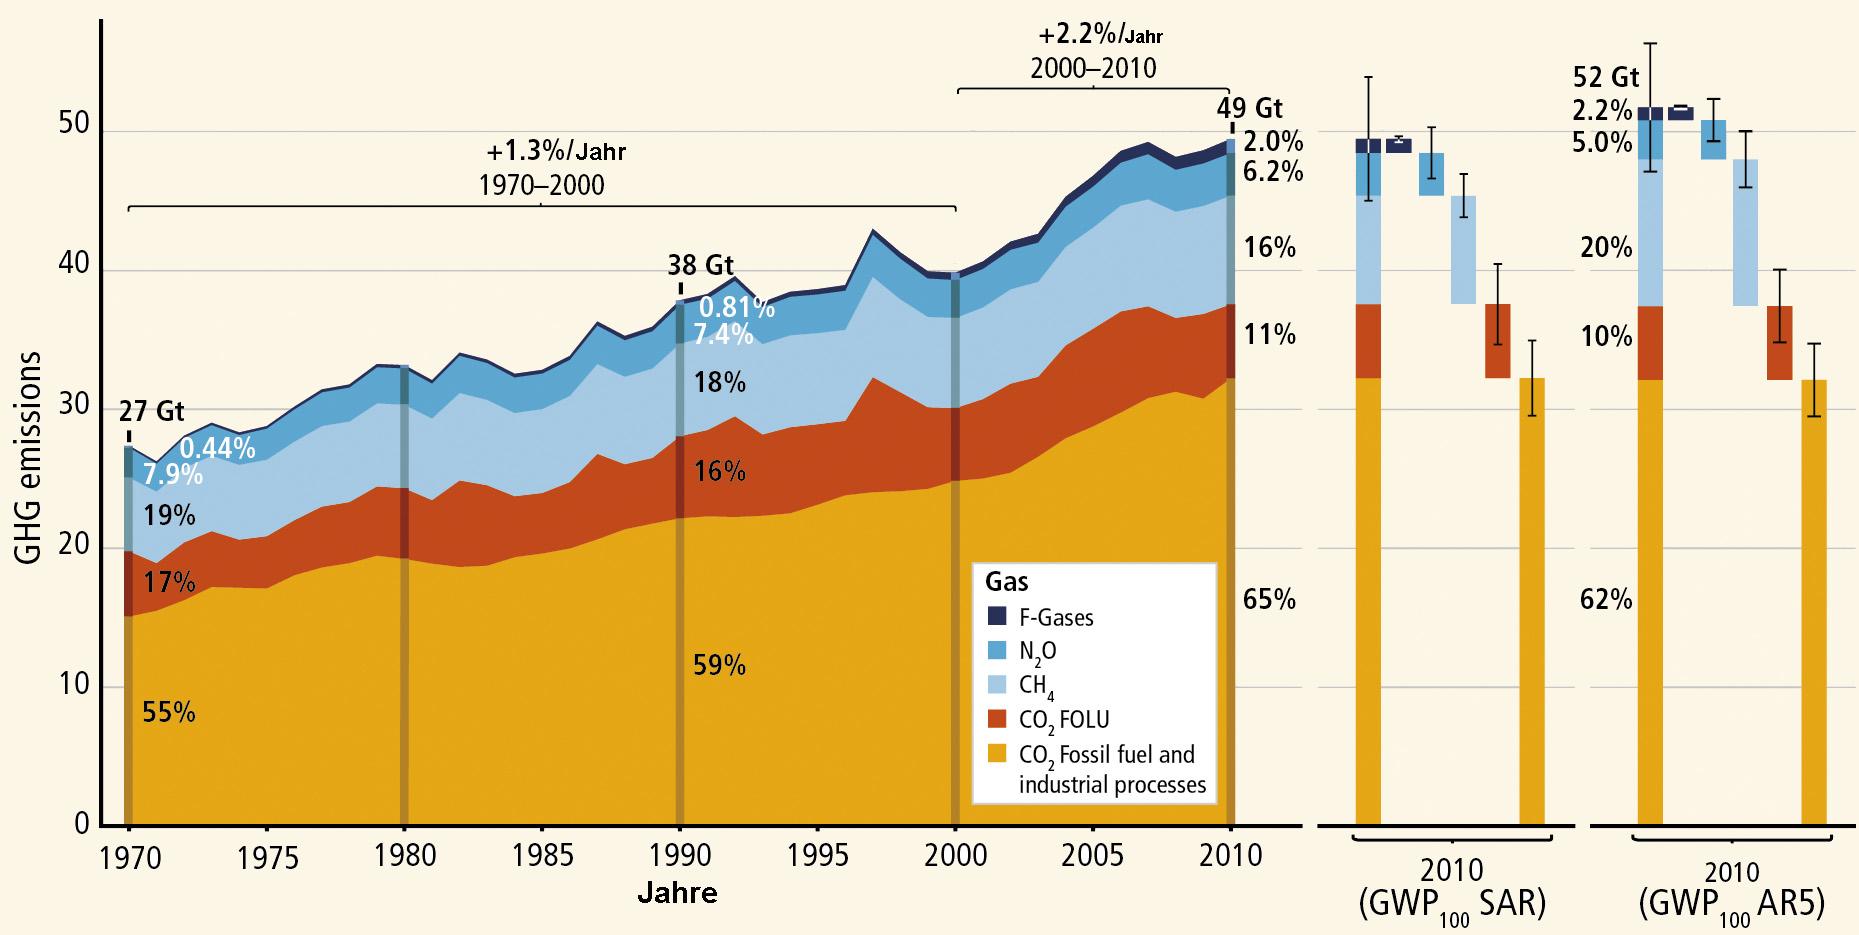 Entwicklung der Treibhausgase-Emissionen (GHG = greenhouse gases) seit 1970